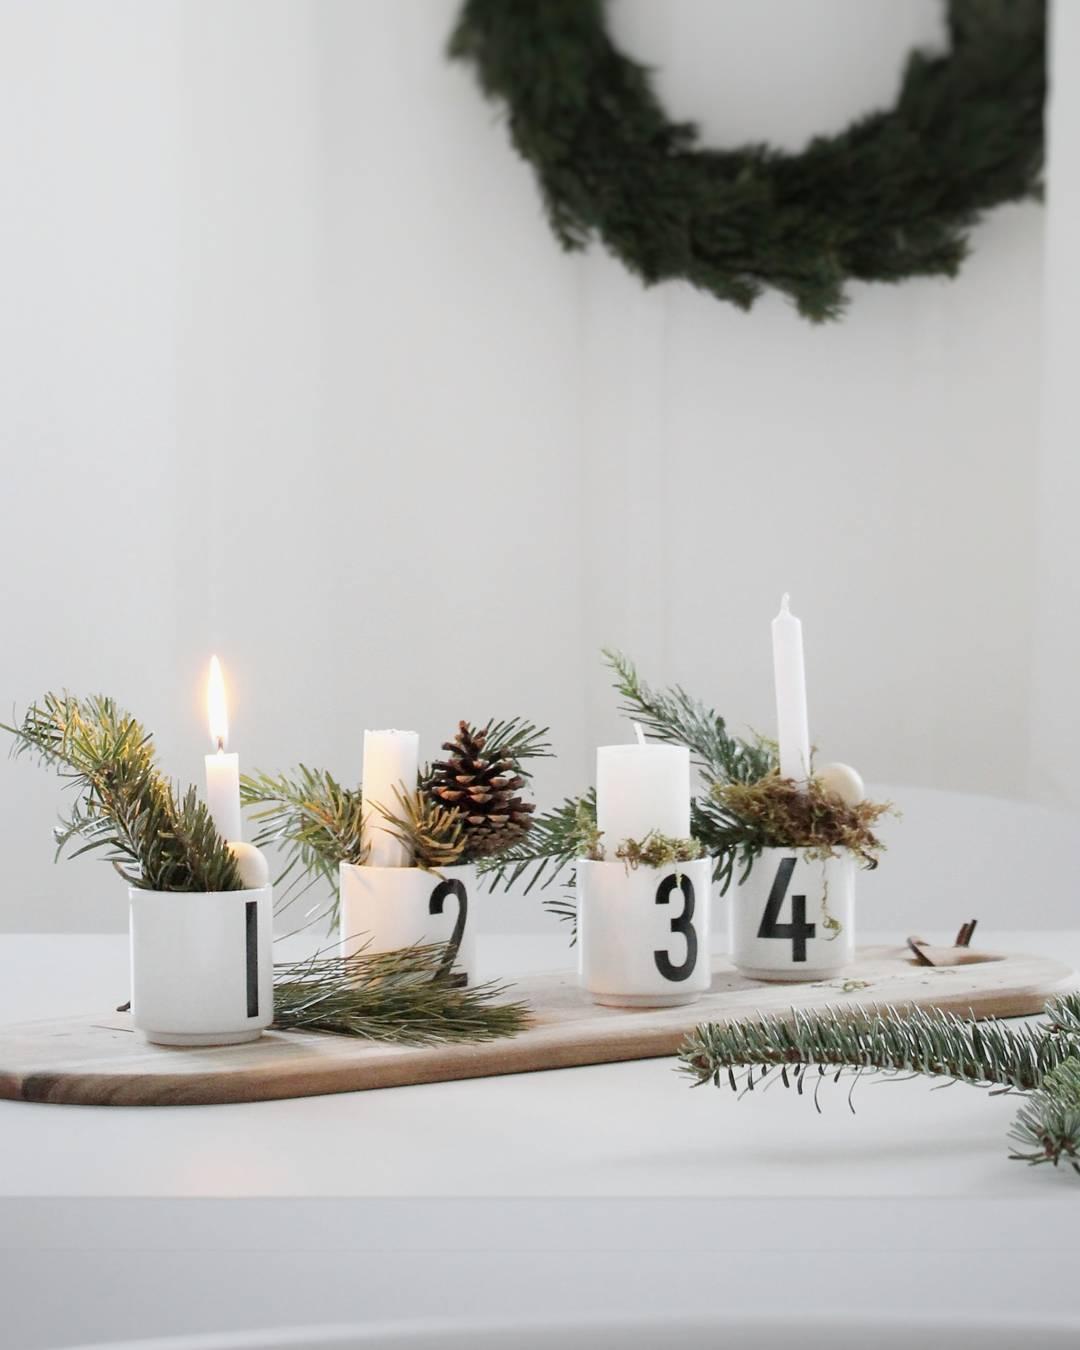 1 2 3 4 designletters adventskranz adventkranz - Weihnachtsdeko skandinavisch ...